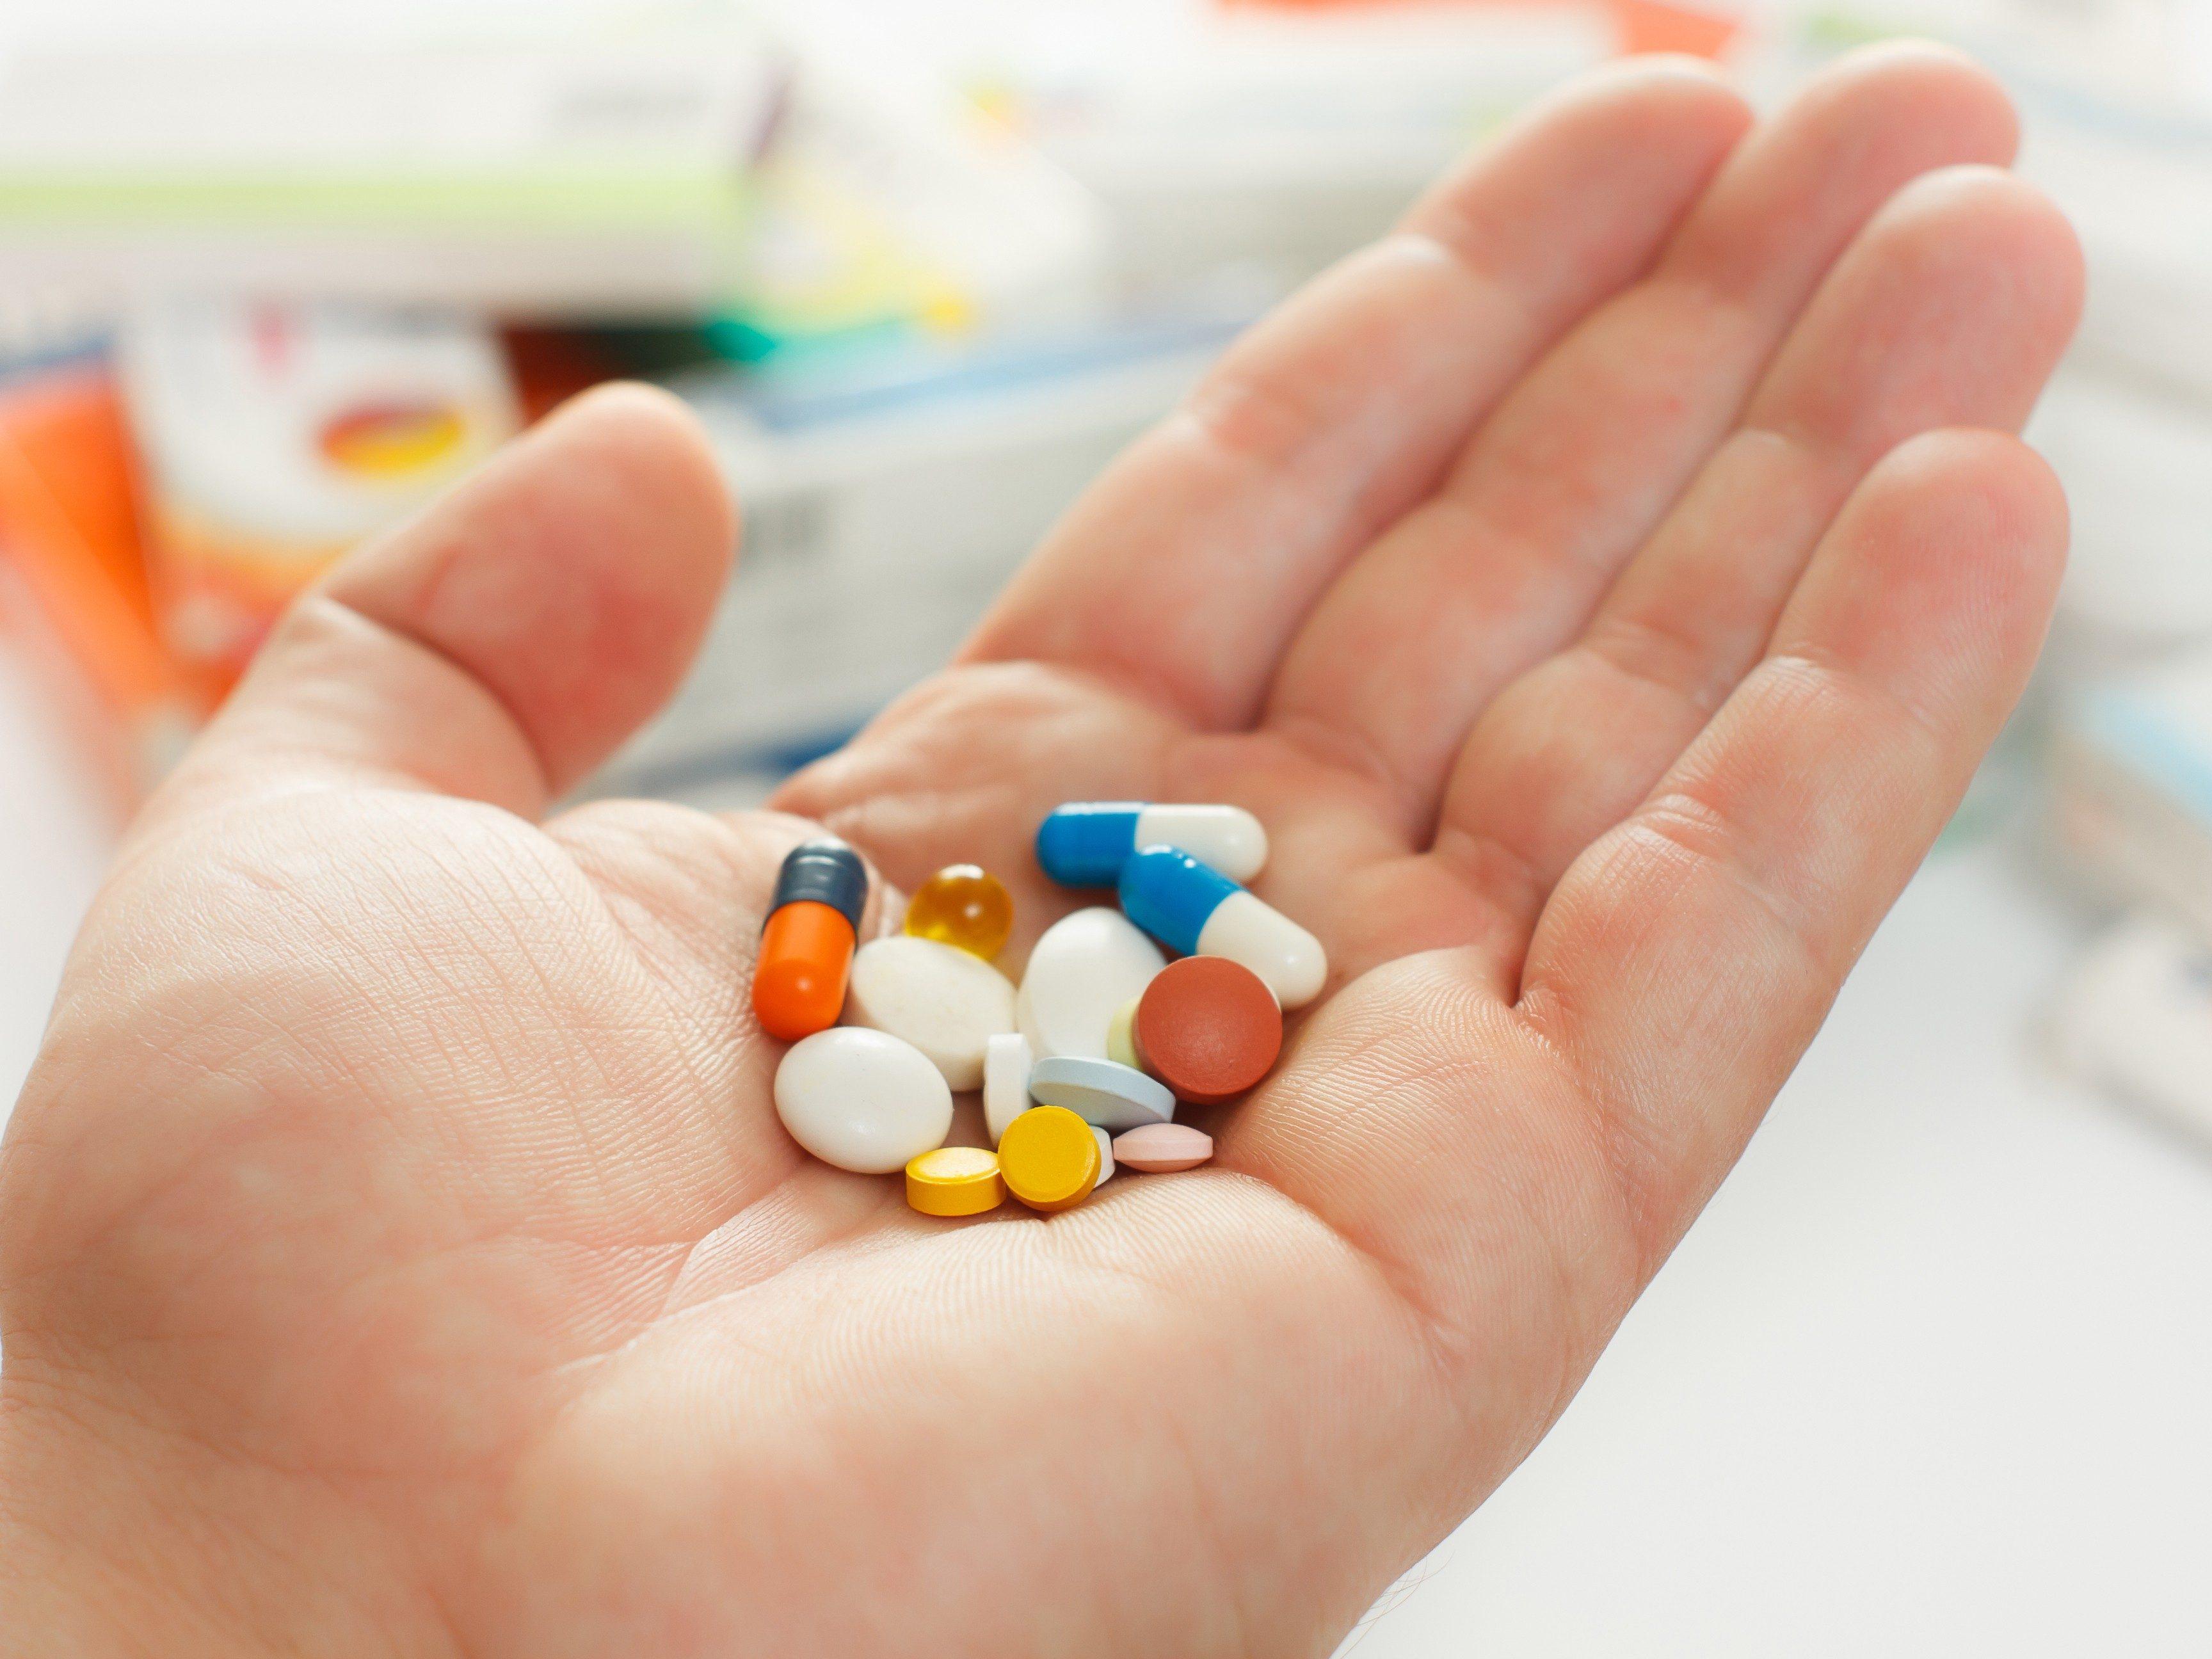 Antibiotics for Colds